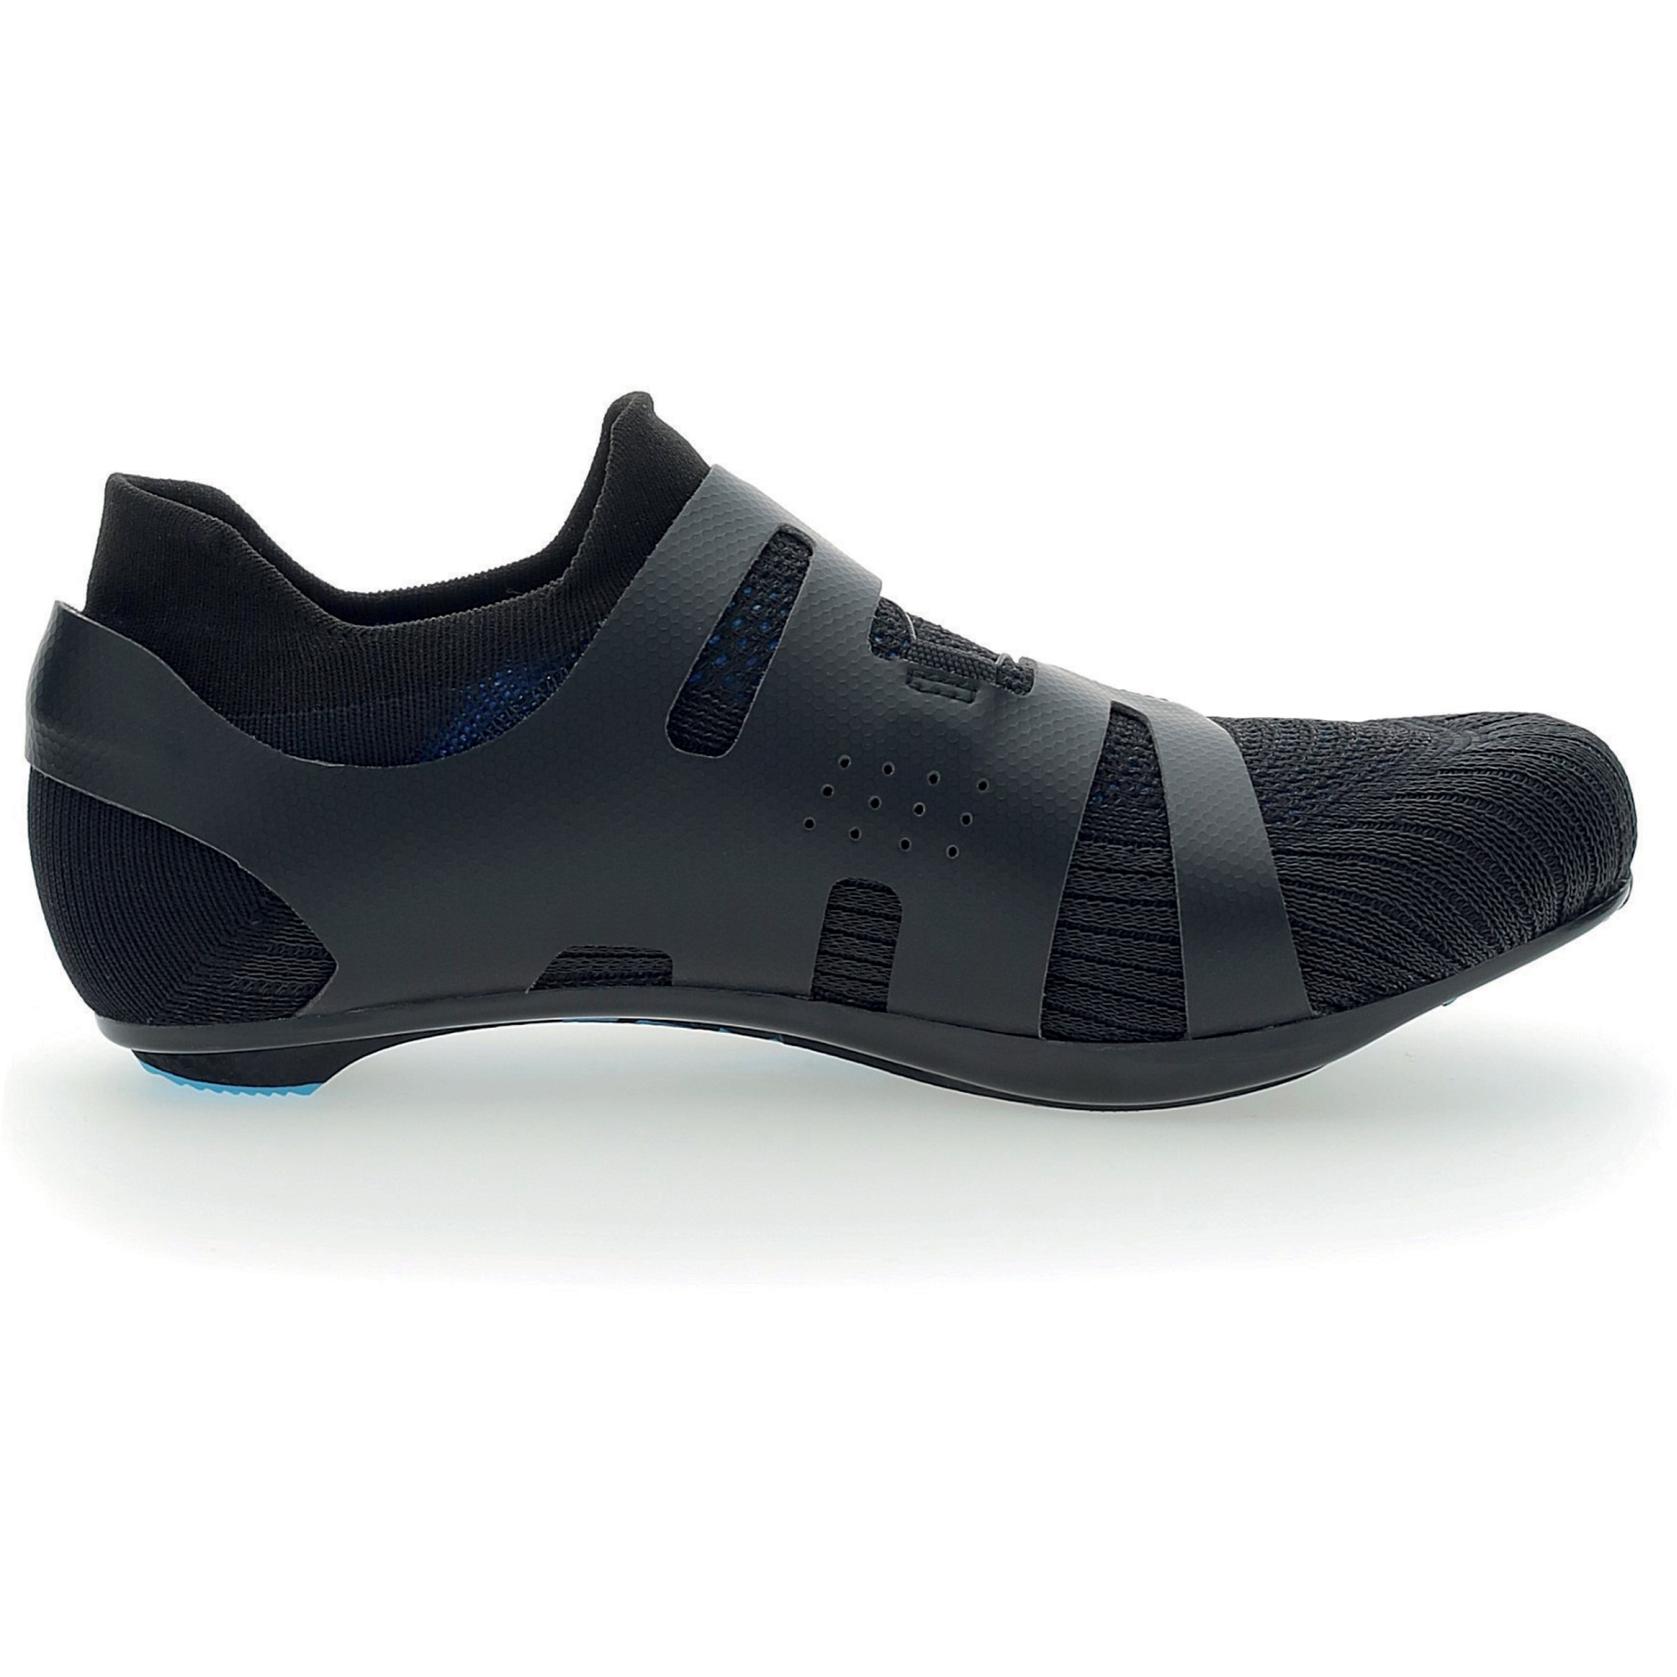 Bild von UYN Naked Carbon Rennradschuhe - Schwarz/Blau